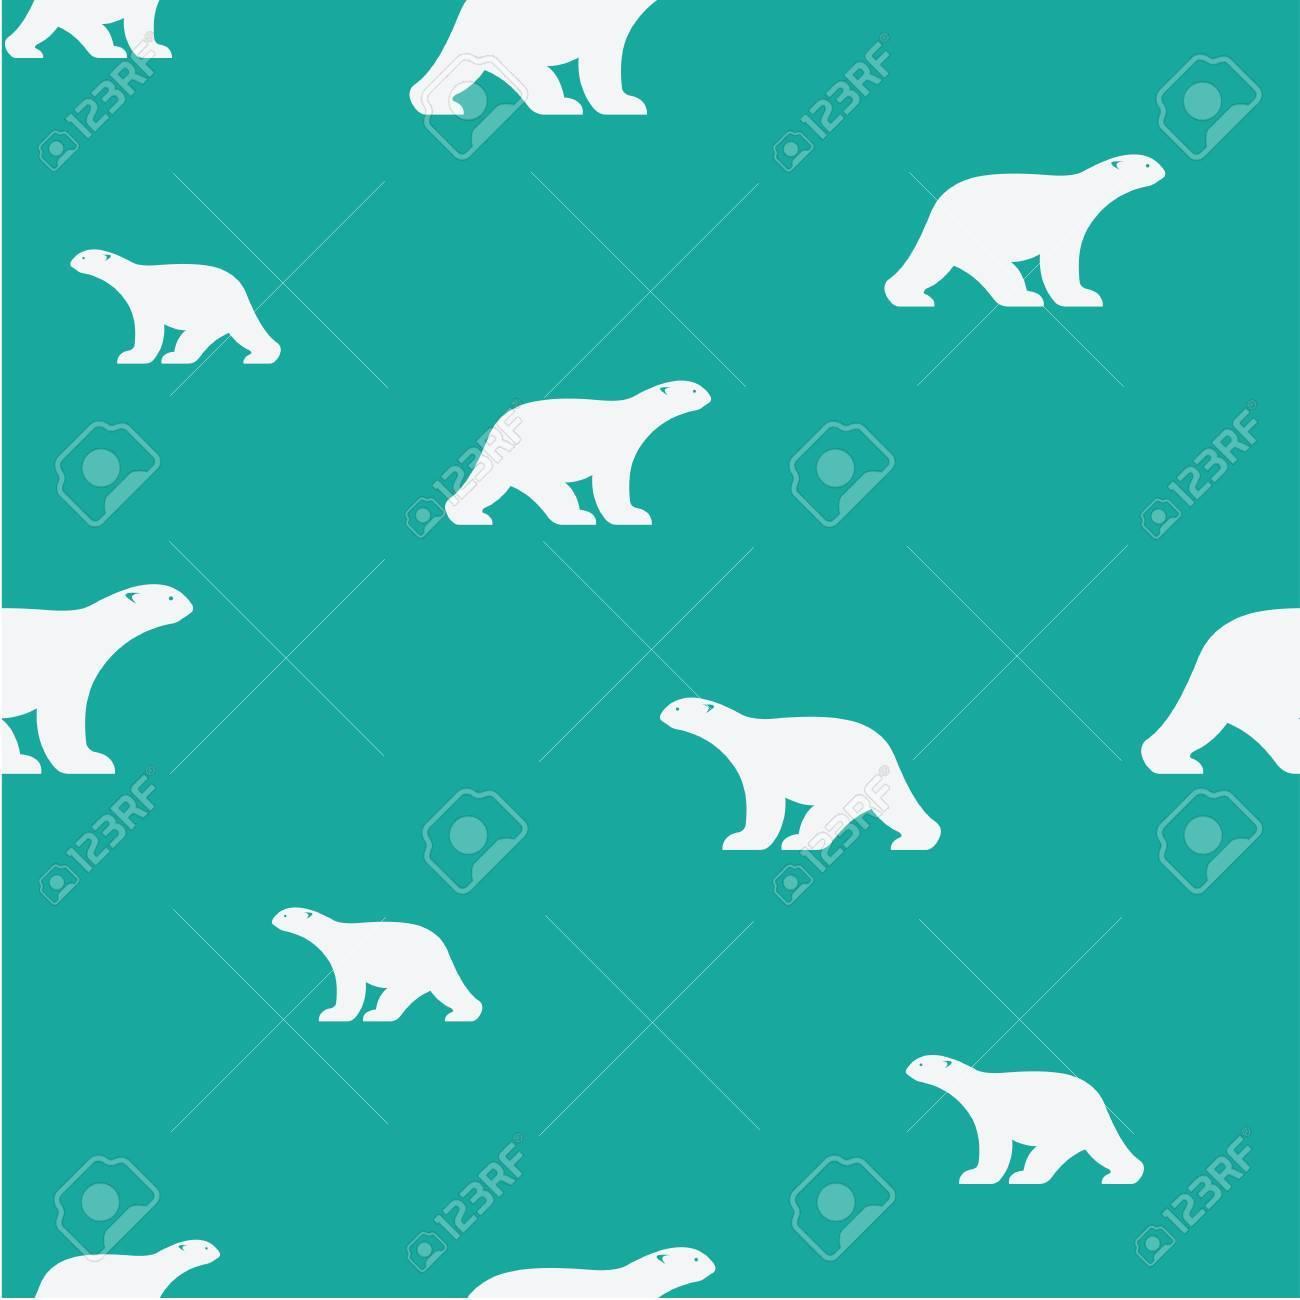 青の背景にクマとシームレスなパターンをベクトル 壁紙のイラスト素材 ベクタ Image